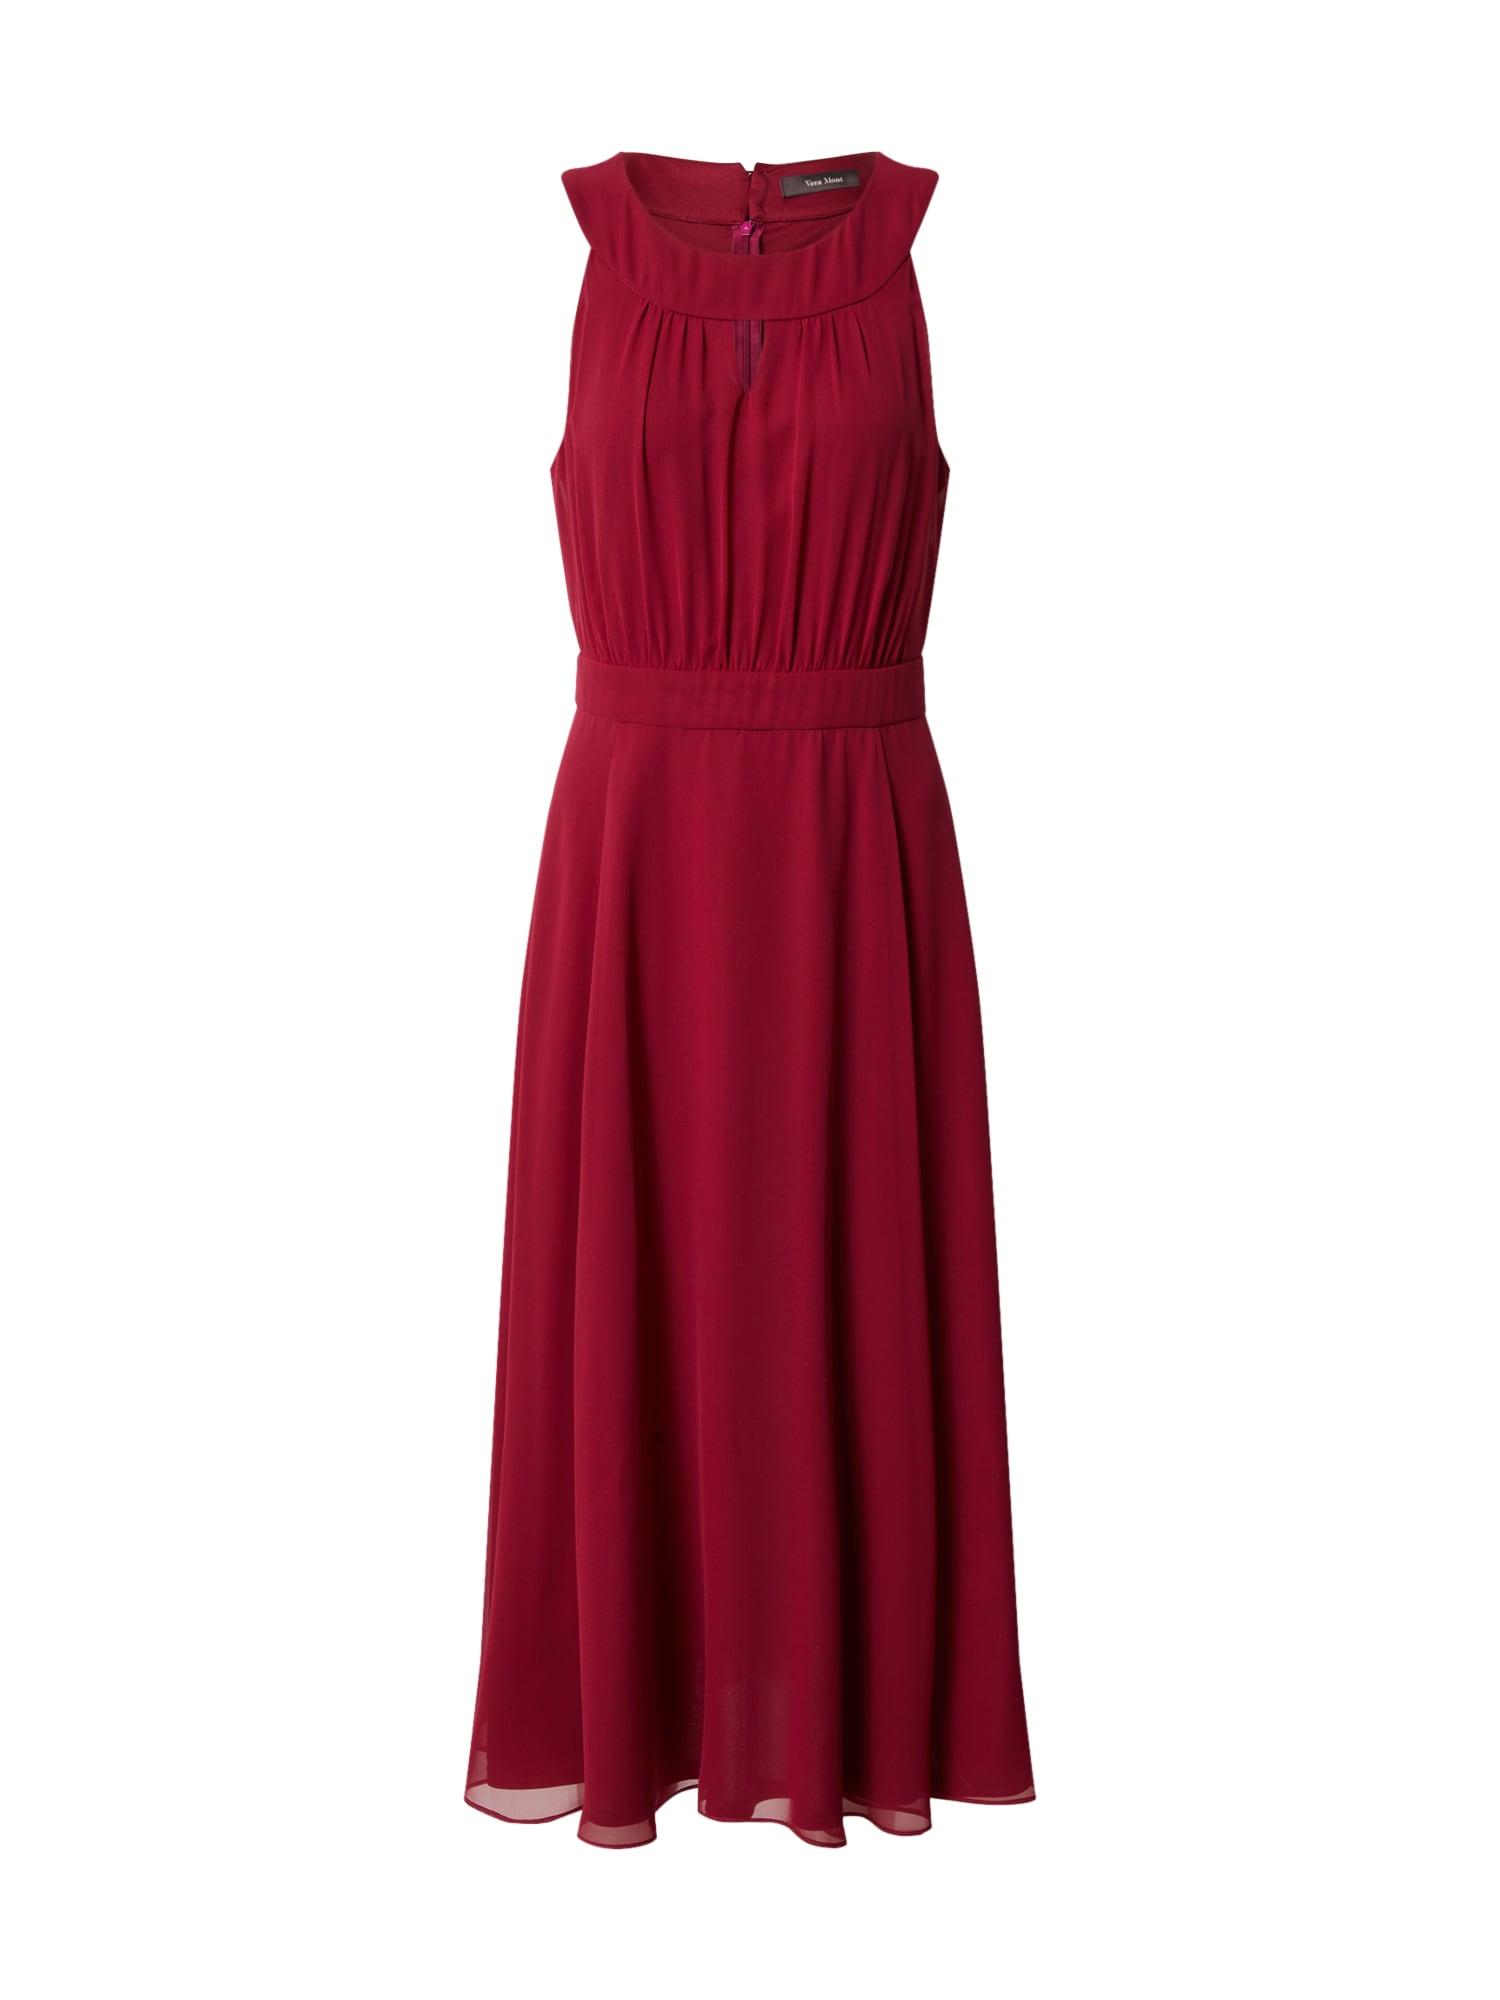 Vera Mont Suknelė rubinų raudona